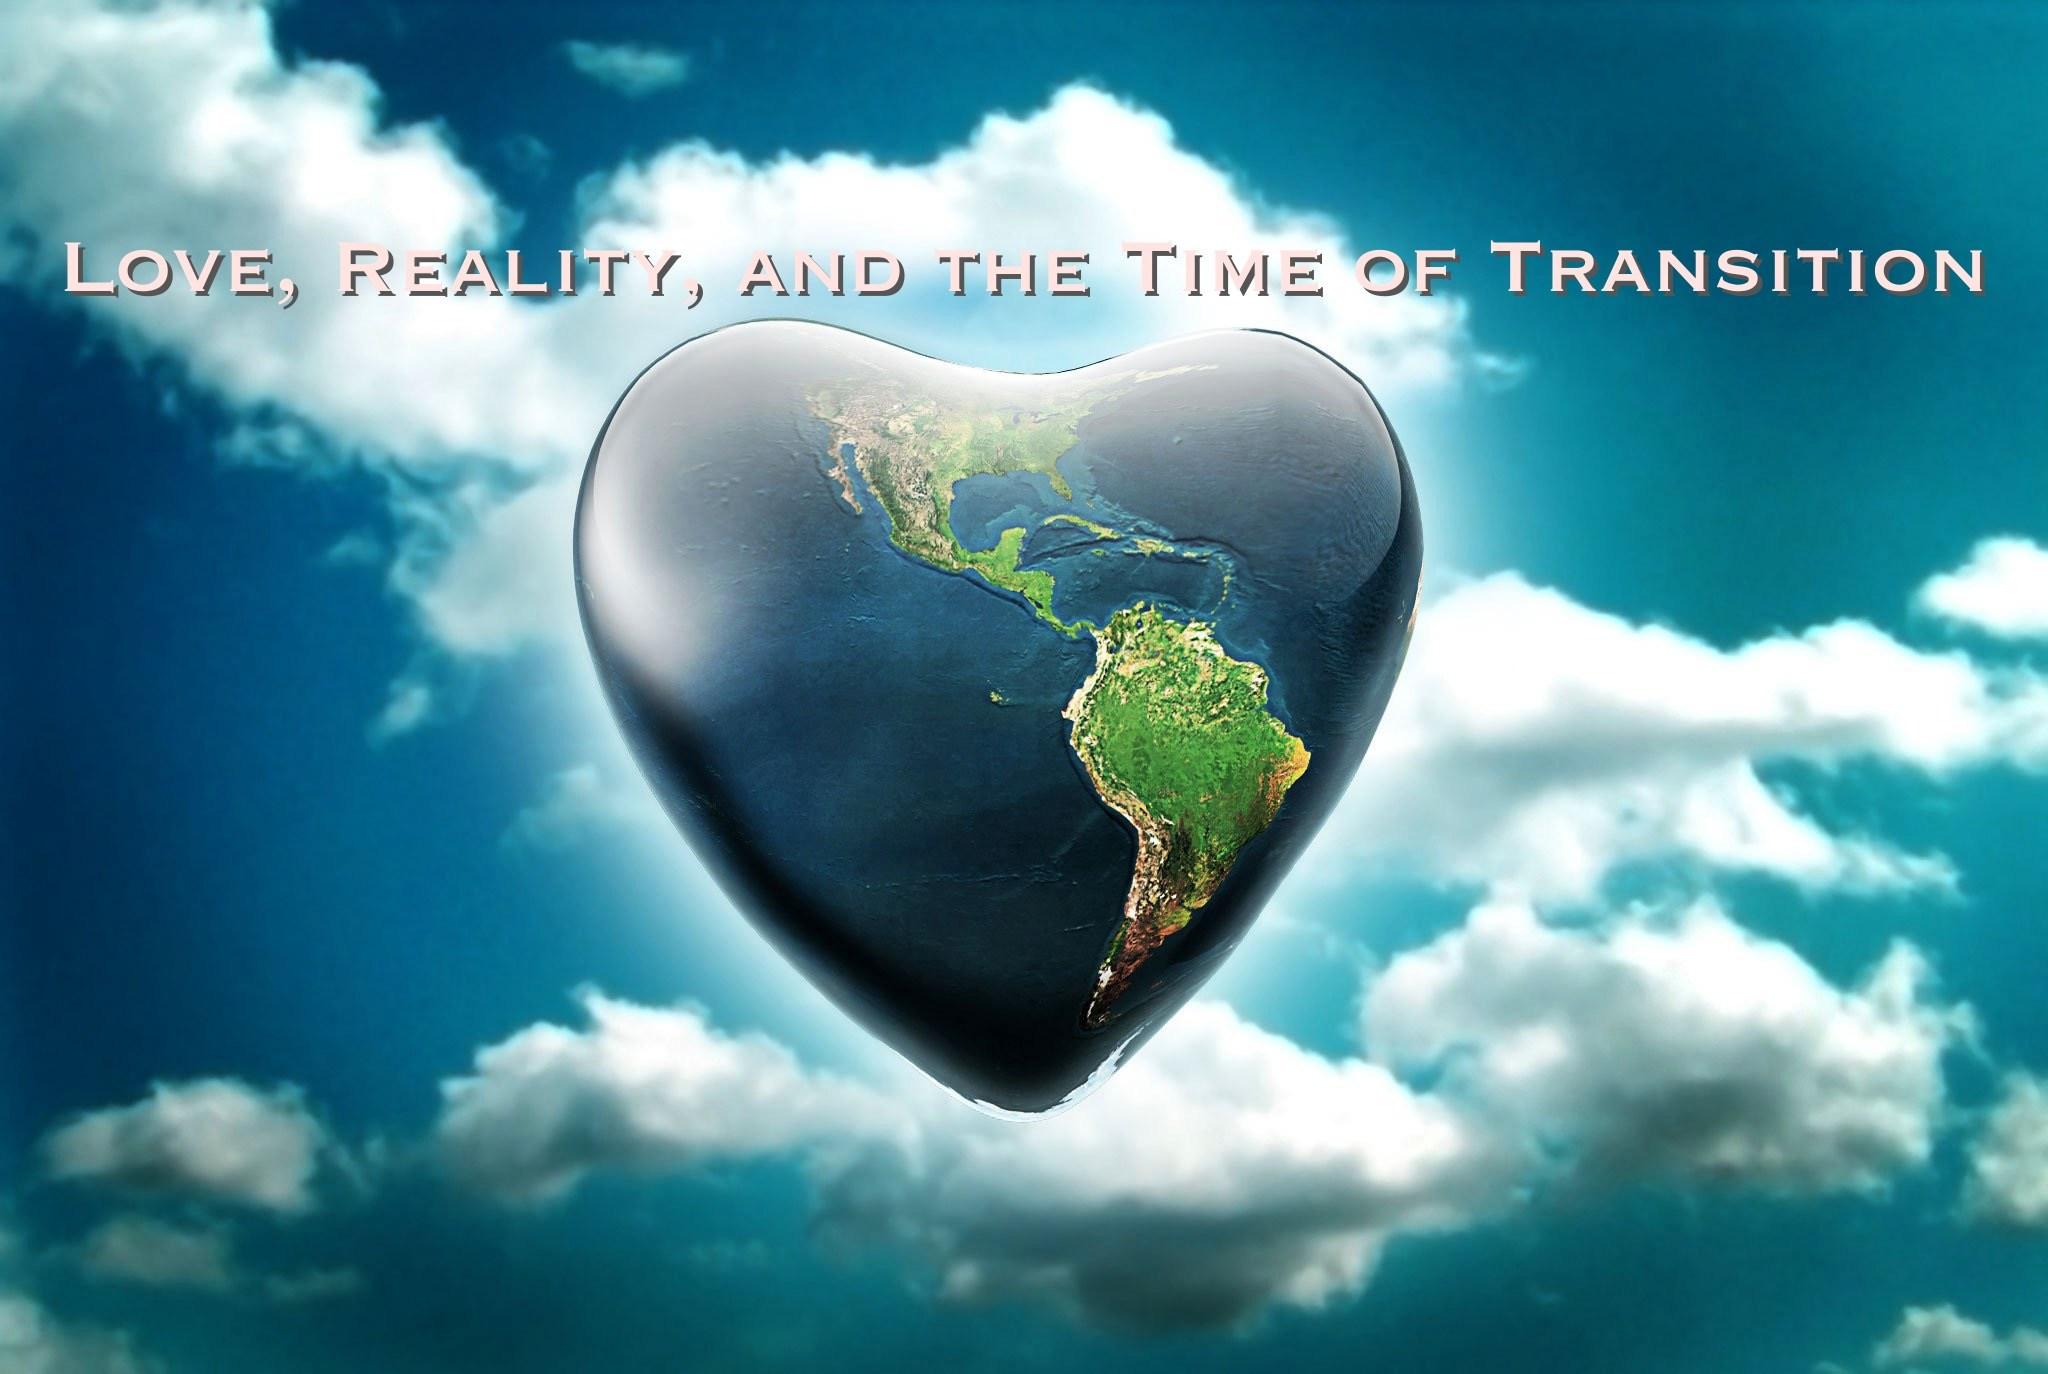 סרטים דוקומטרים פותחי תודעה - LOVE, REALITY, AND THE TIME OF TRANSITION